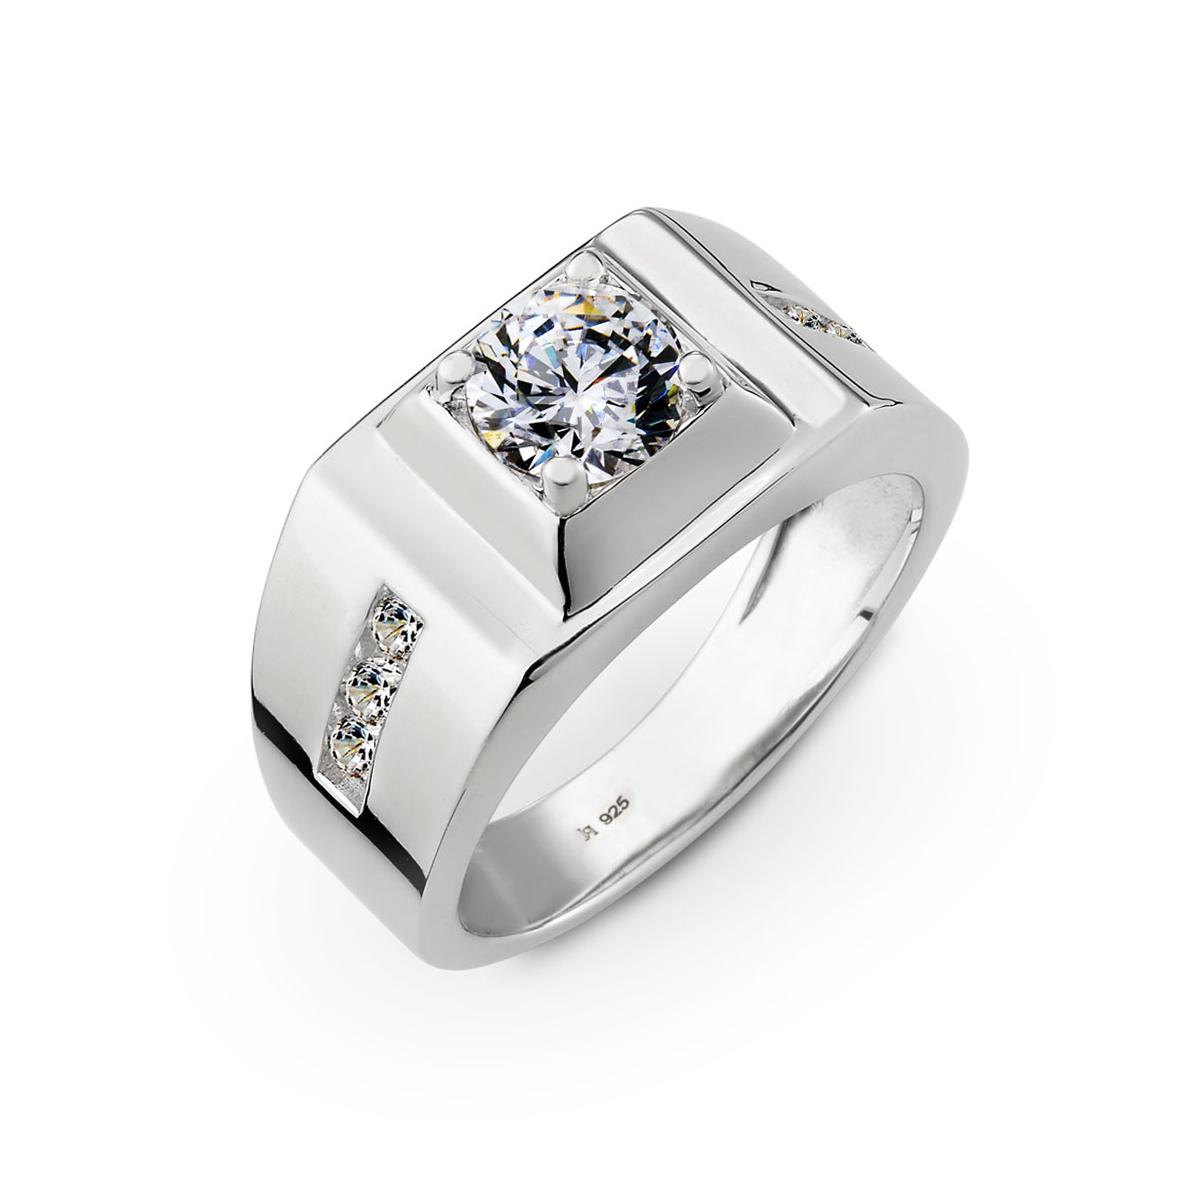 KSM69 一輩子的約定切面戒指